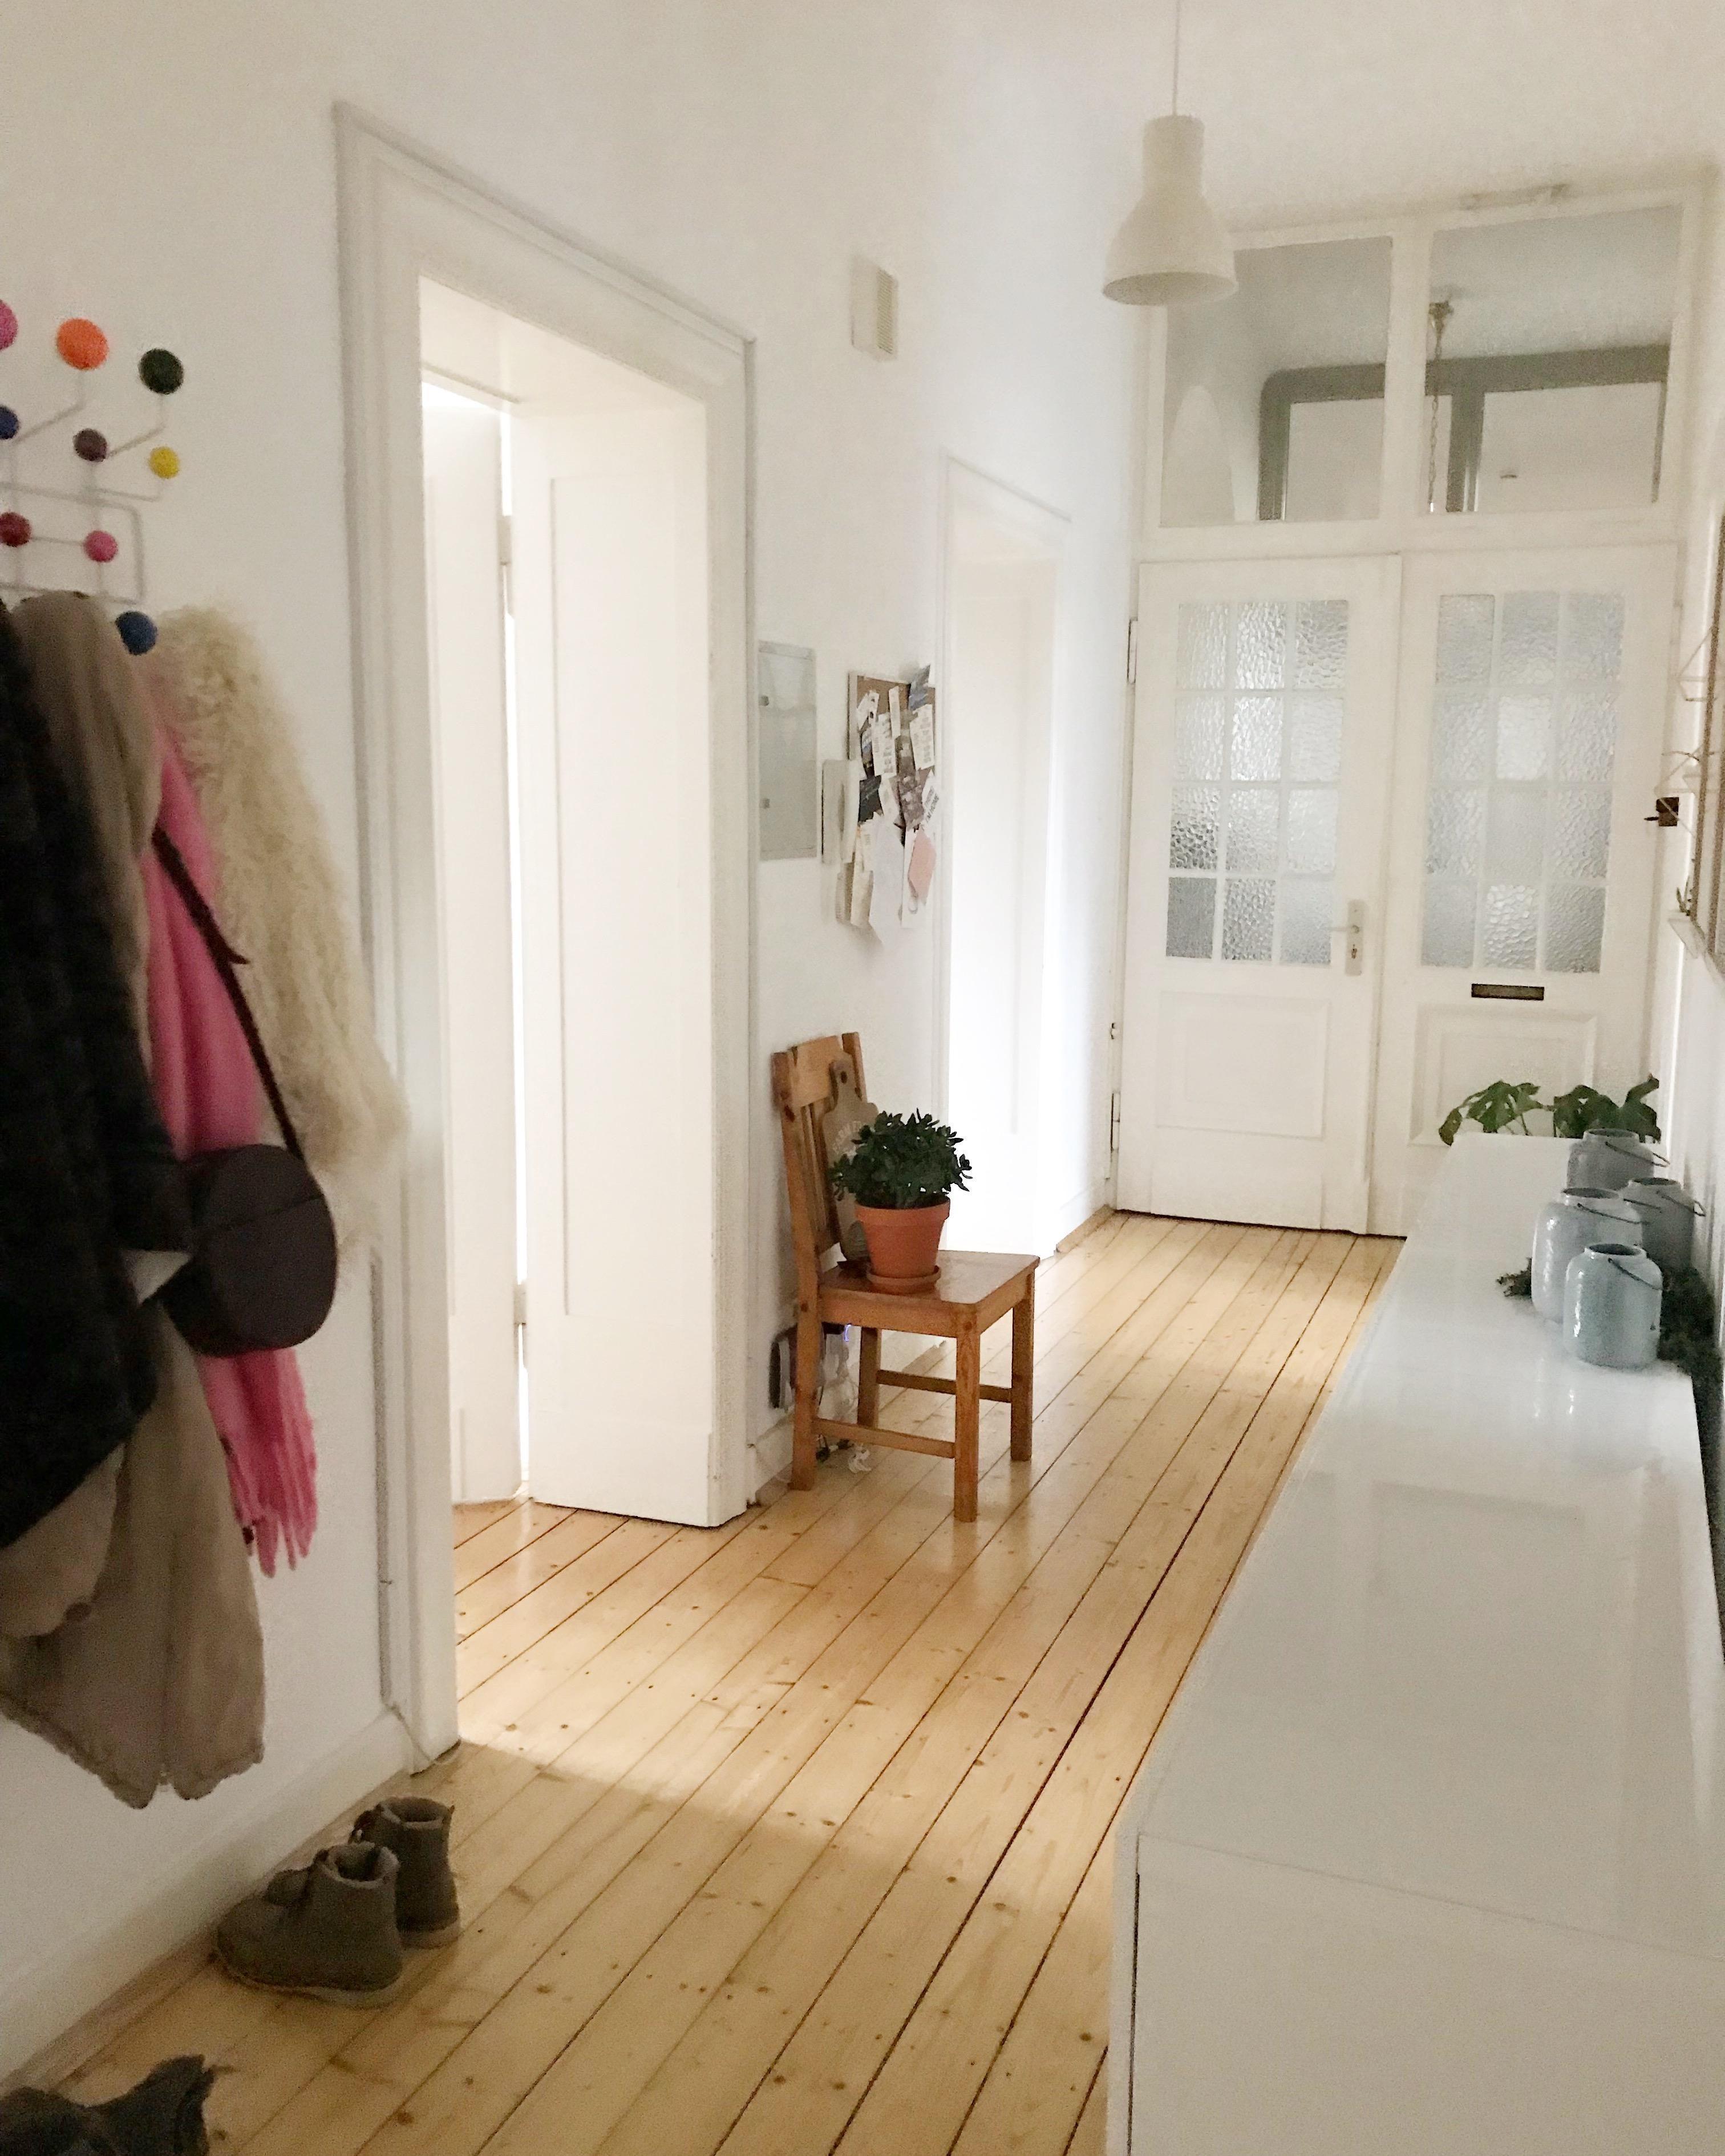 Oh Du Wundervoller Altbauflur #airy #simplicity #altbauliebe  #casaklabautermann #homelove